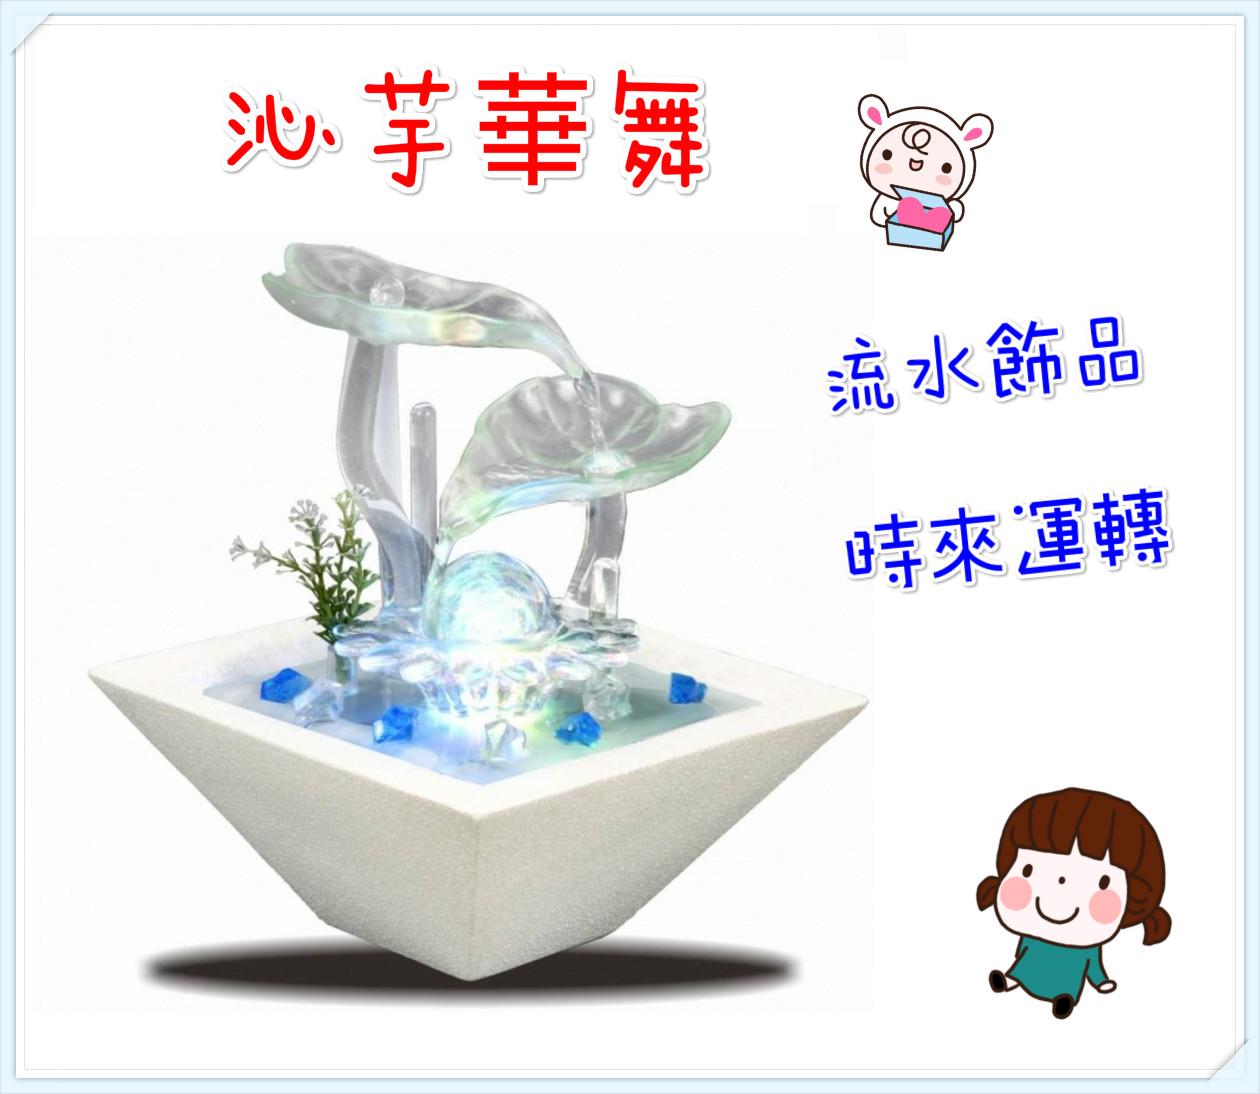 ❤含發票❤【KINYO-流水飾品❤沁芋華舞】❤居家 做生意 風水 擺飾 時來運轉 琉璃 陶瓷飾品 招財 開運❤